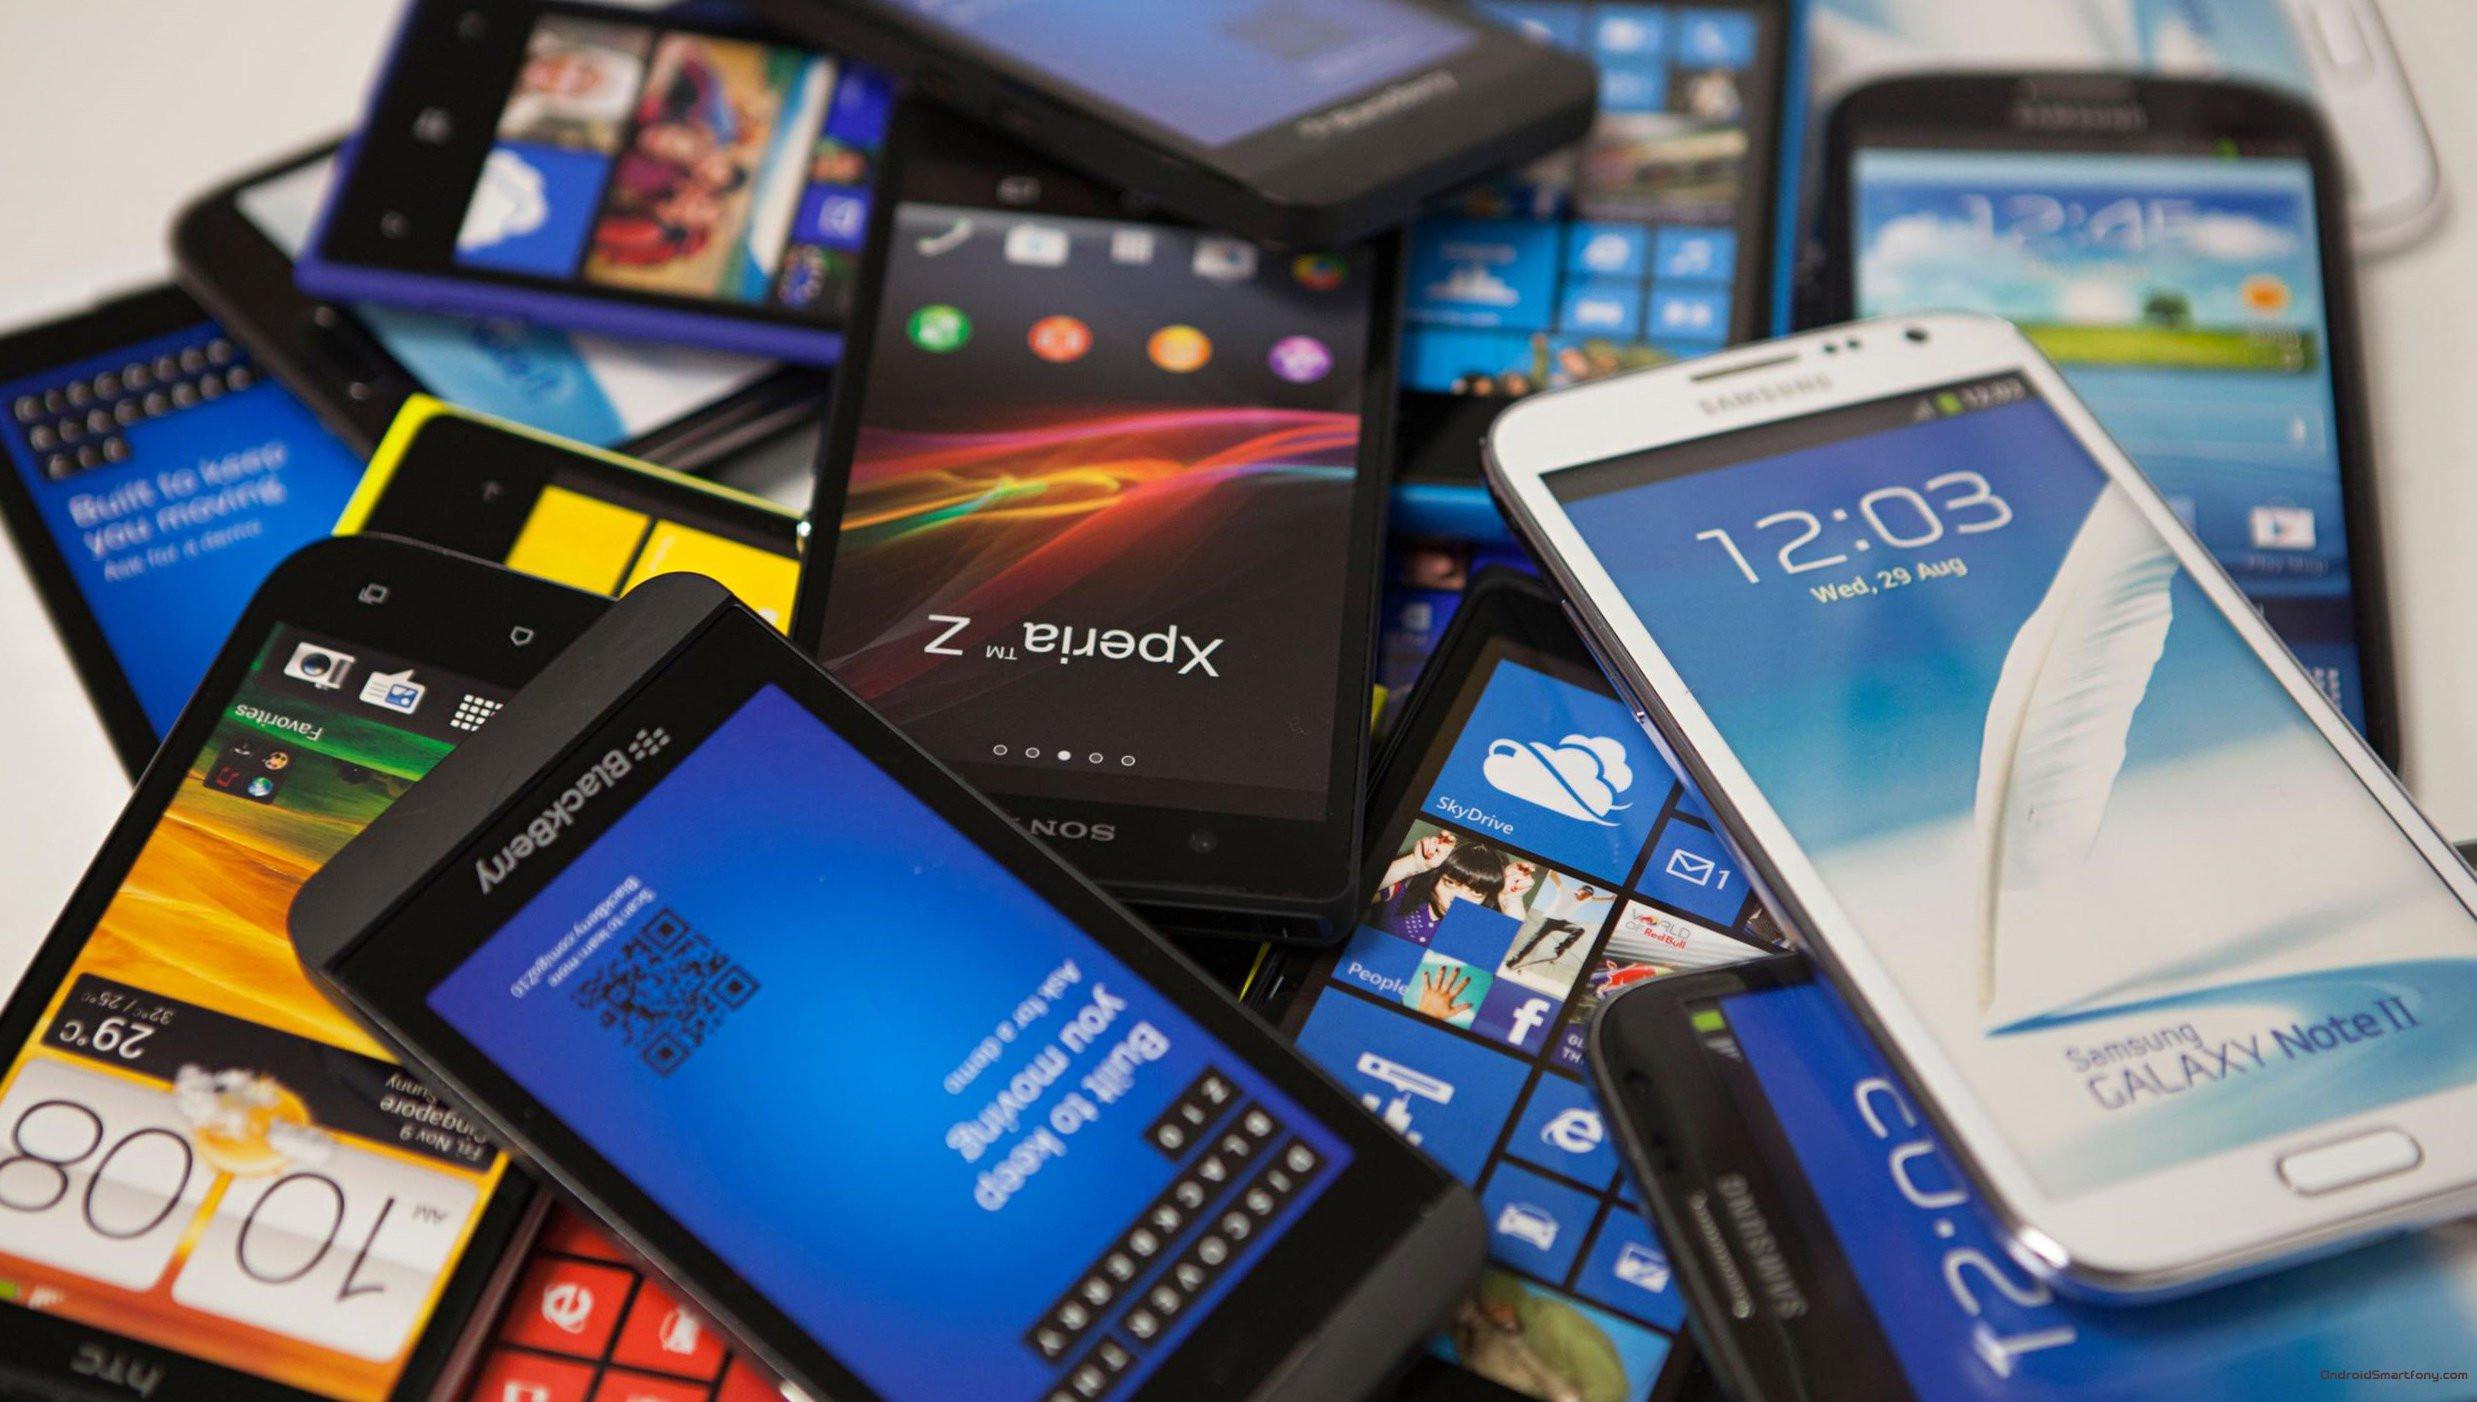 Какие мобильные телефоны покупают в Российской Федерации впервую очередь